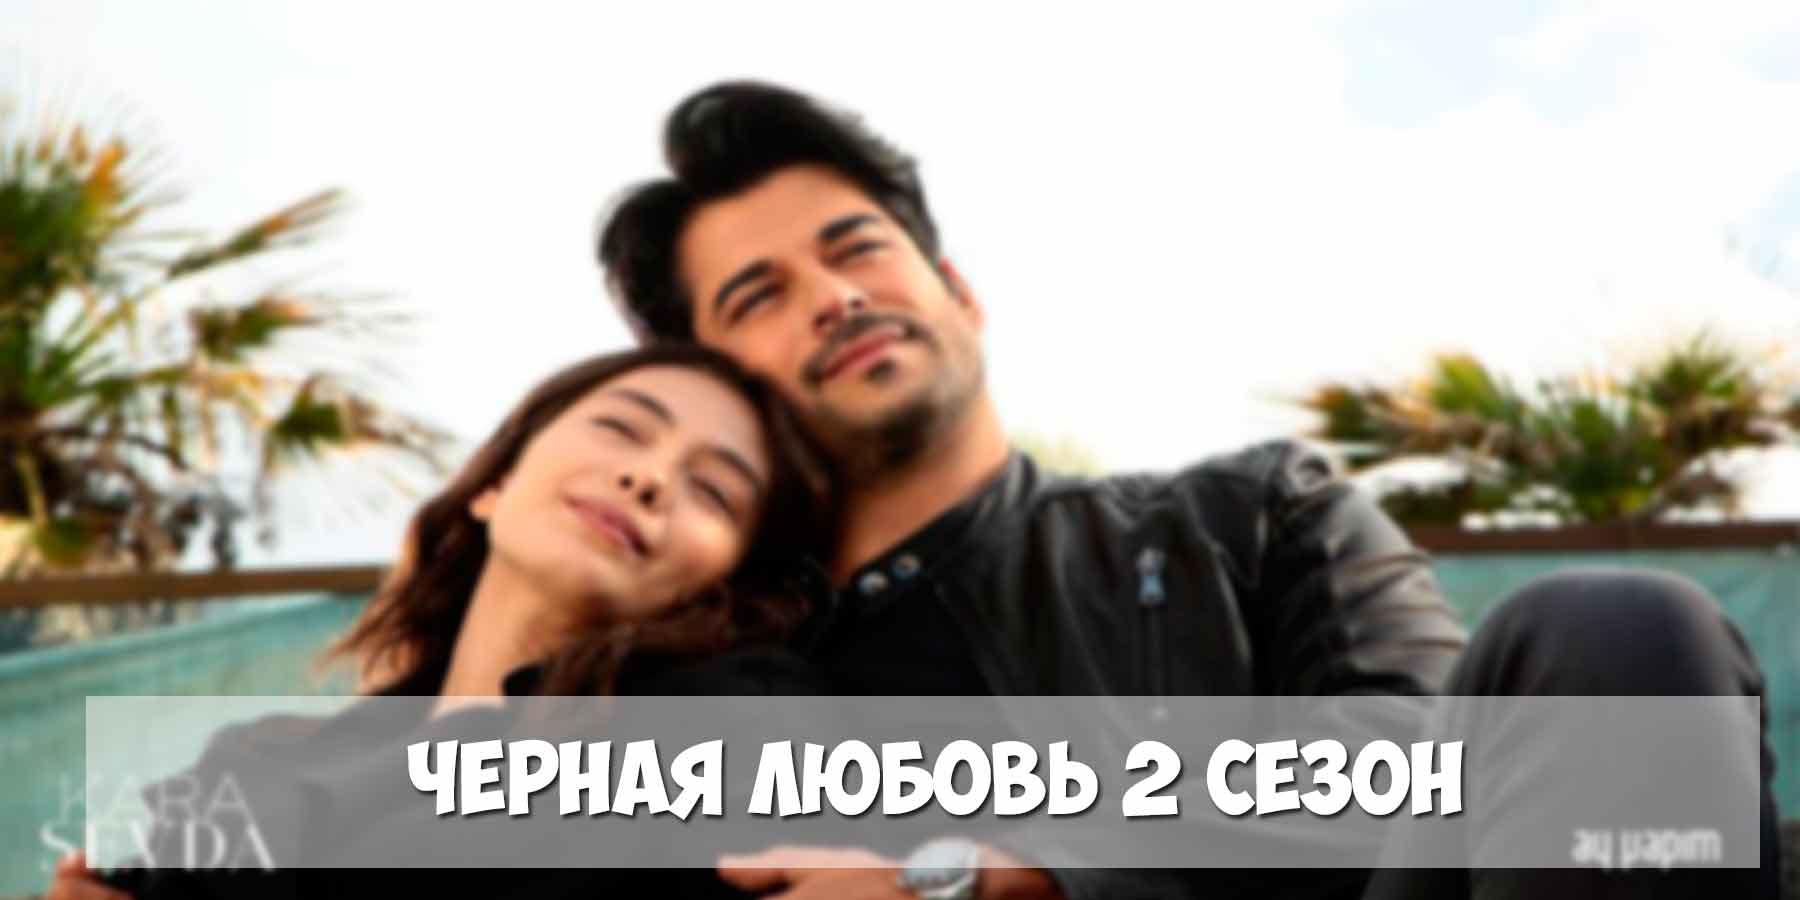 Черная любовь турецкий сериал